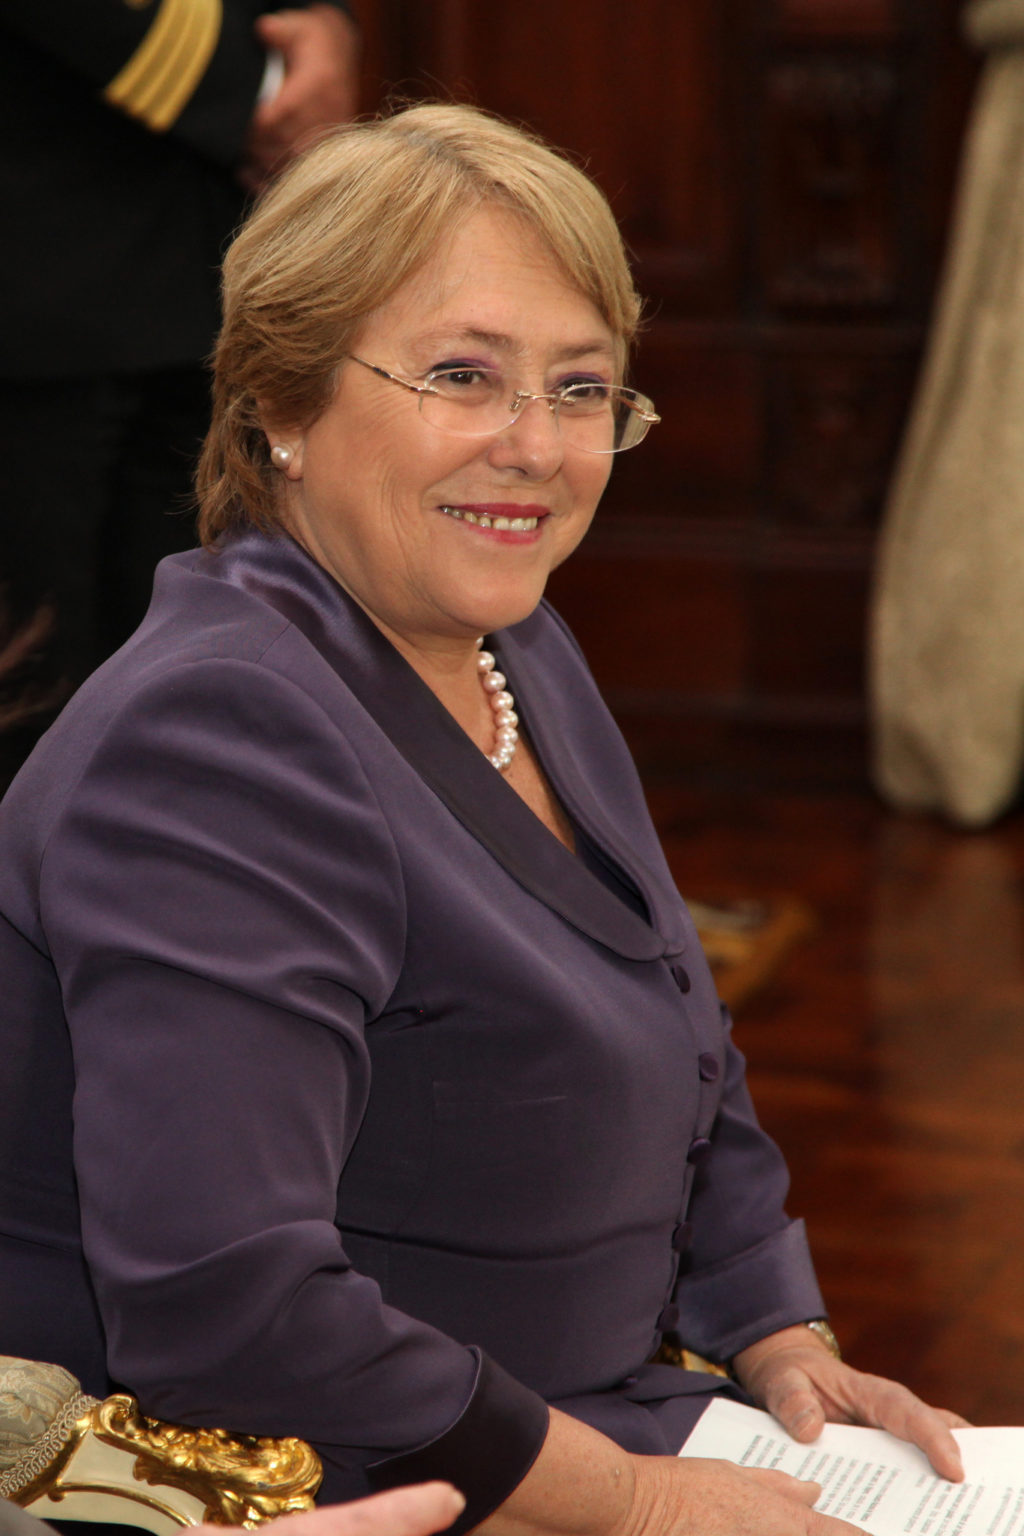 Chile celebrará elecciones presidenciales en noviembre / Flickr: Cancillería de Ecuador